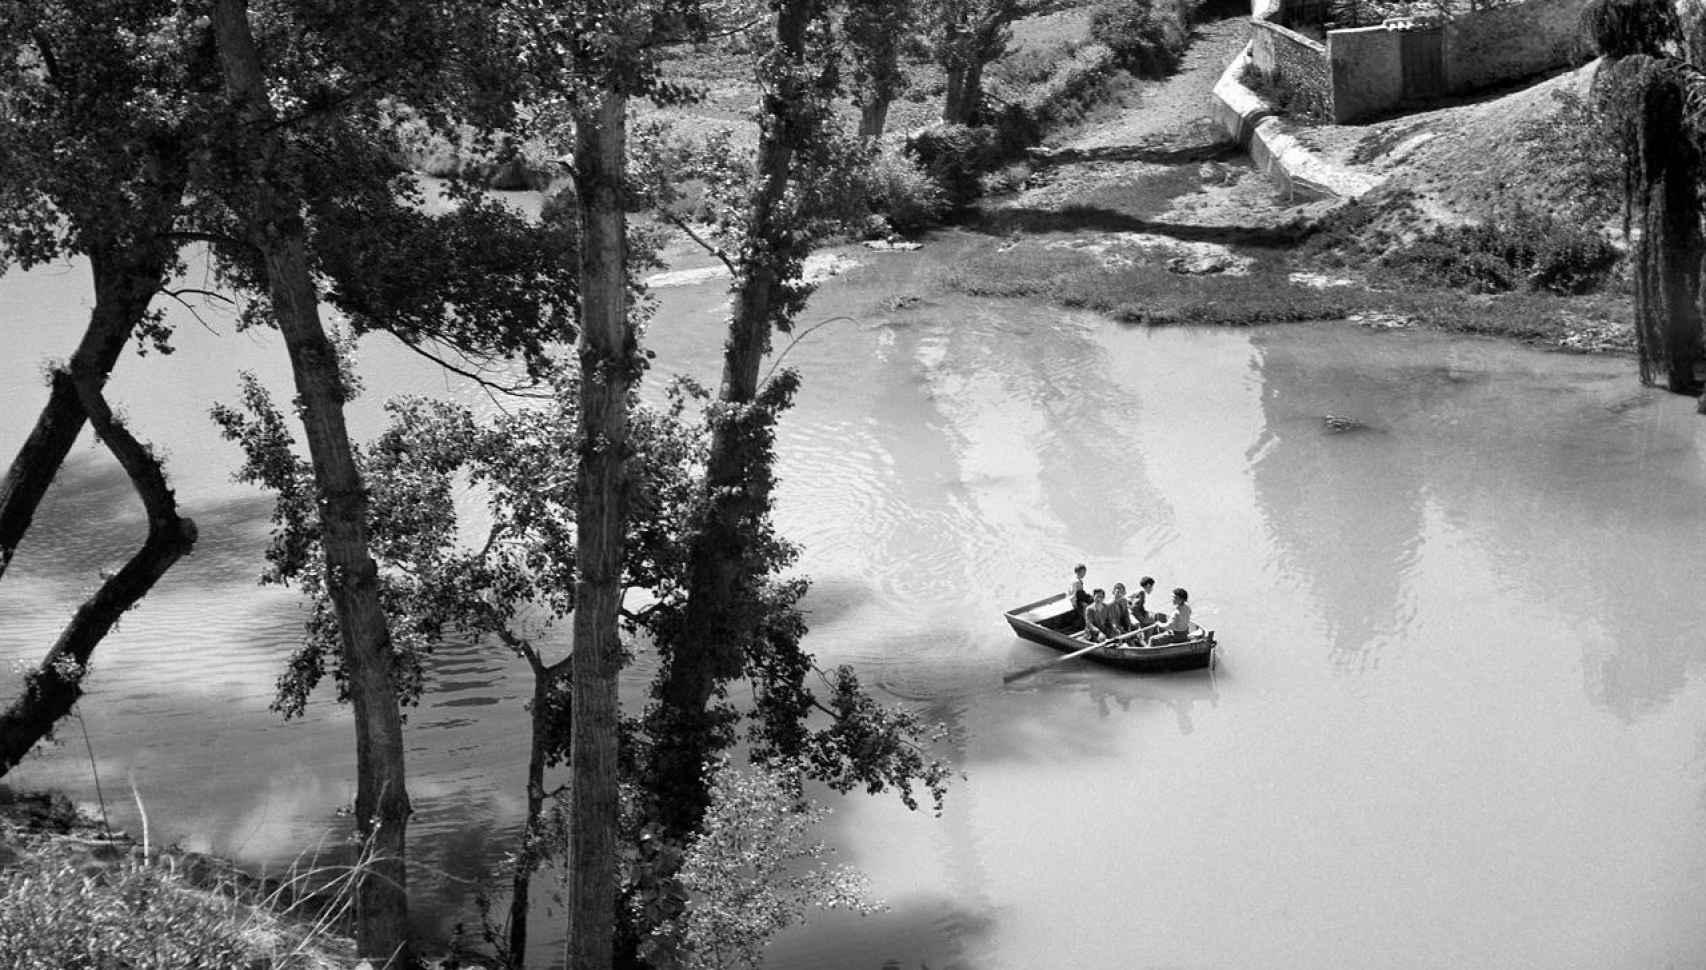 El río Huécar. Cuenca. Circa 1952.